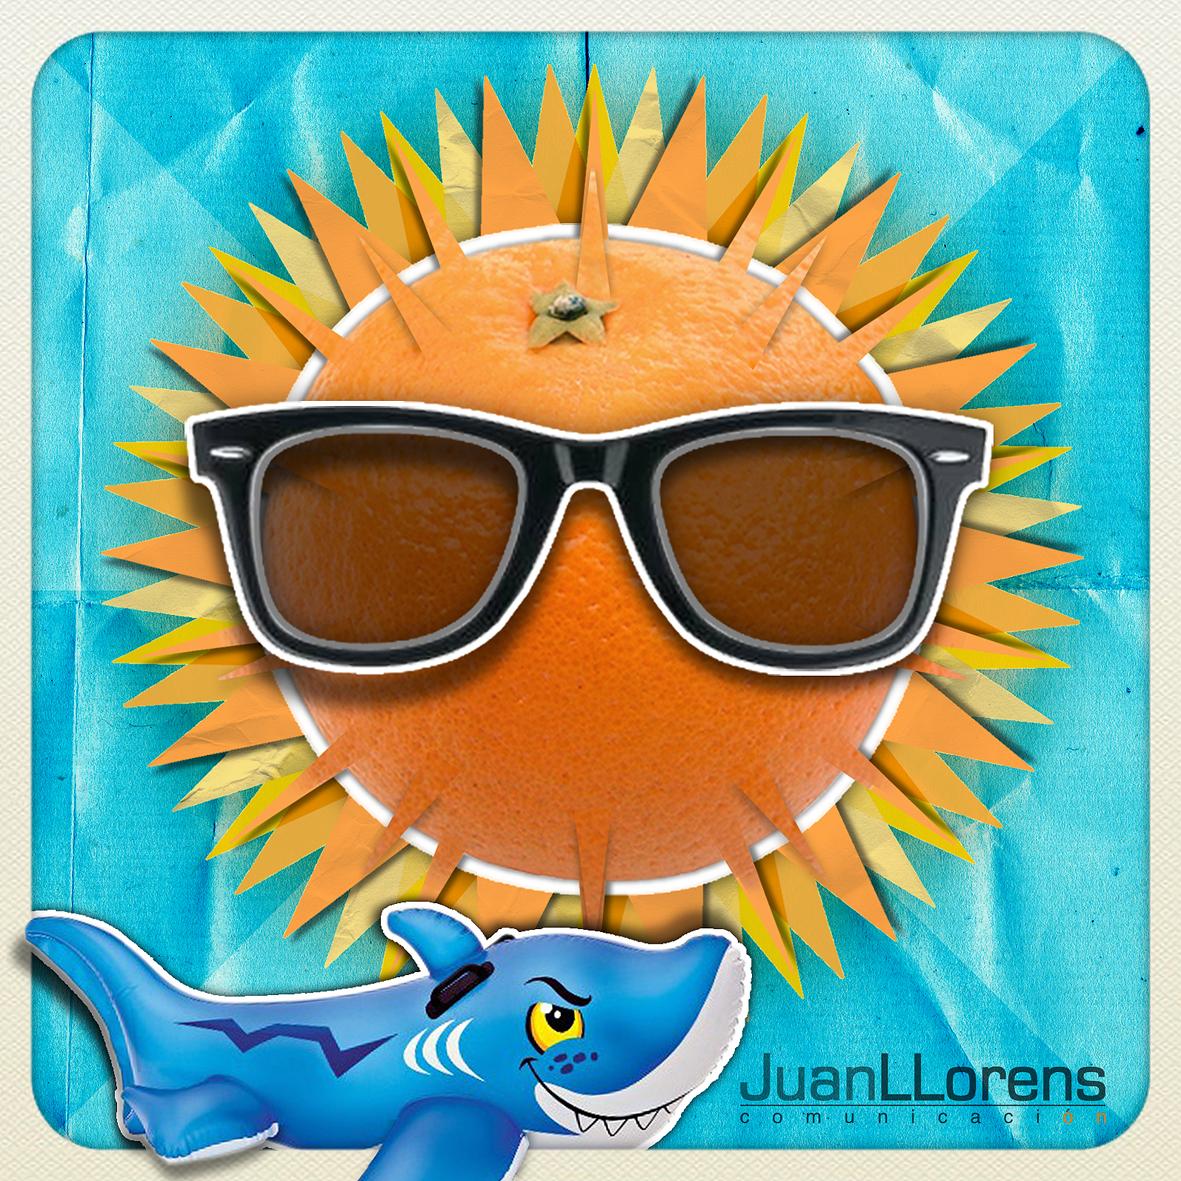 PEQUEÑO APUNTE DE VERANO #juanllorens says: vacaciones los ******* es mejor trabajar!